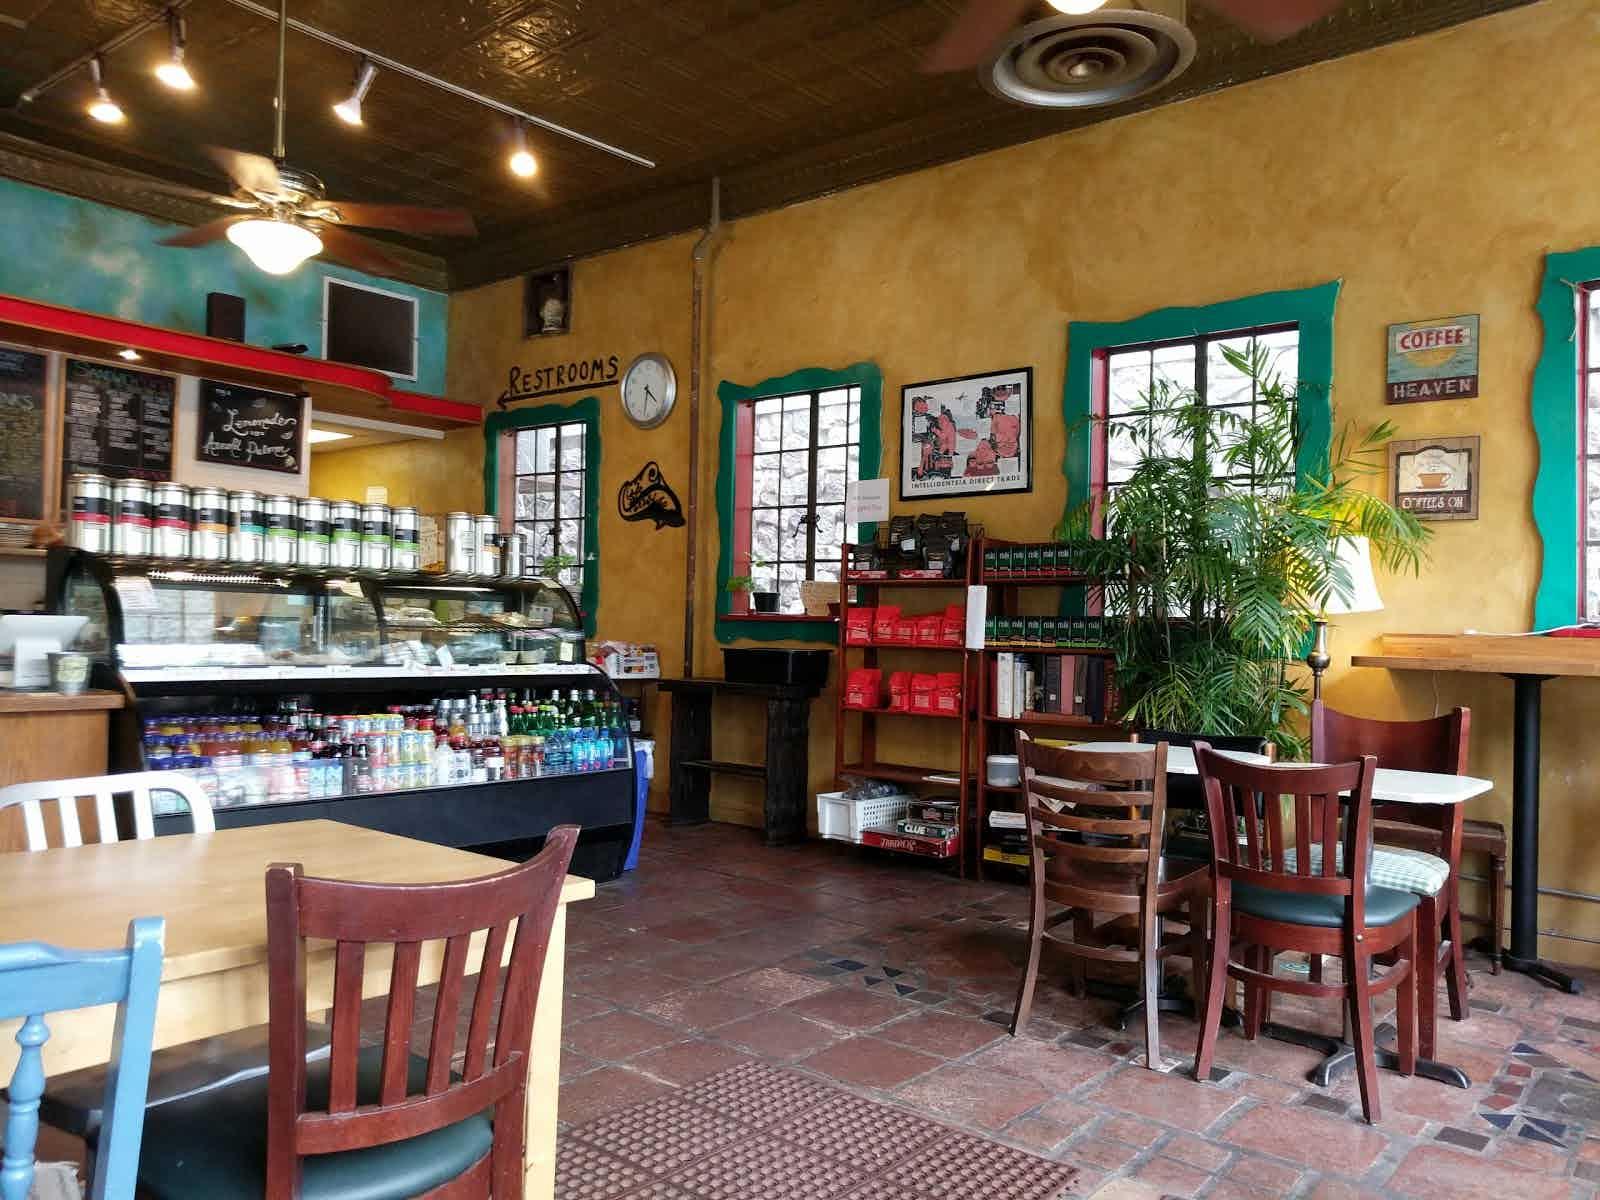 내가 다닌 일리노이대학교 어바나샴페인 캠퍼스 (UIUC)에 위치한 Caffe Paradiso. Intelligentsia 원두를 사용했다.